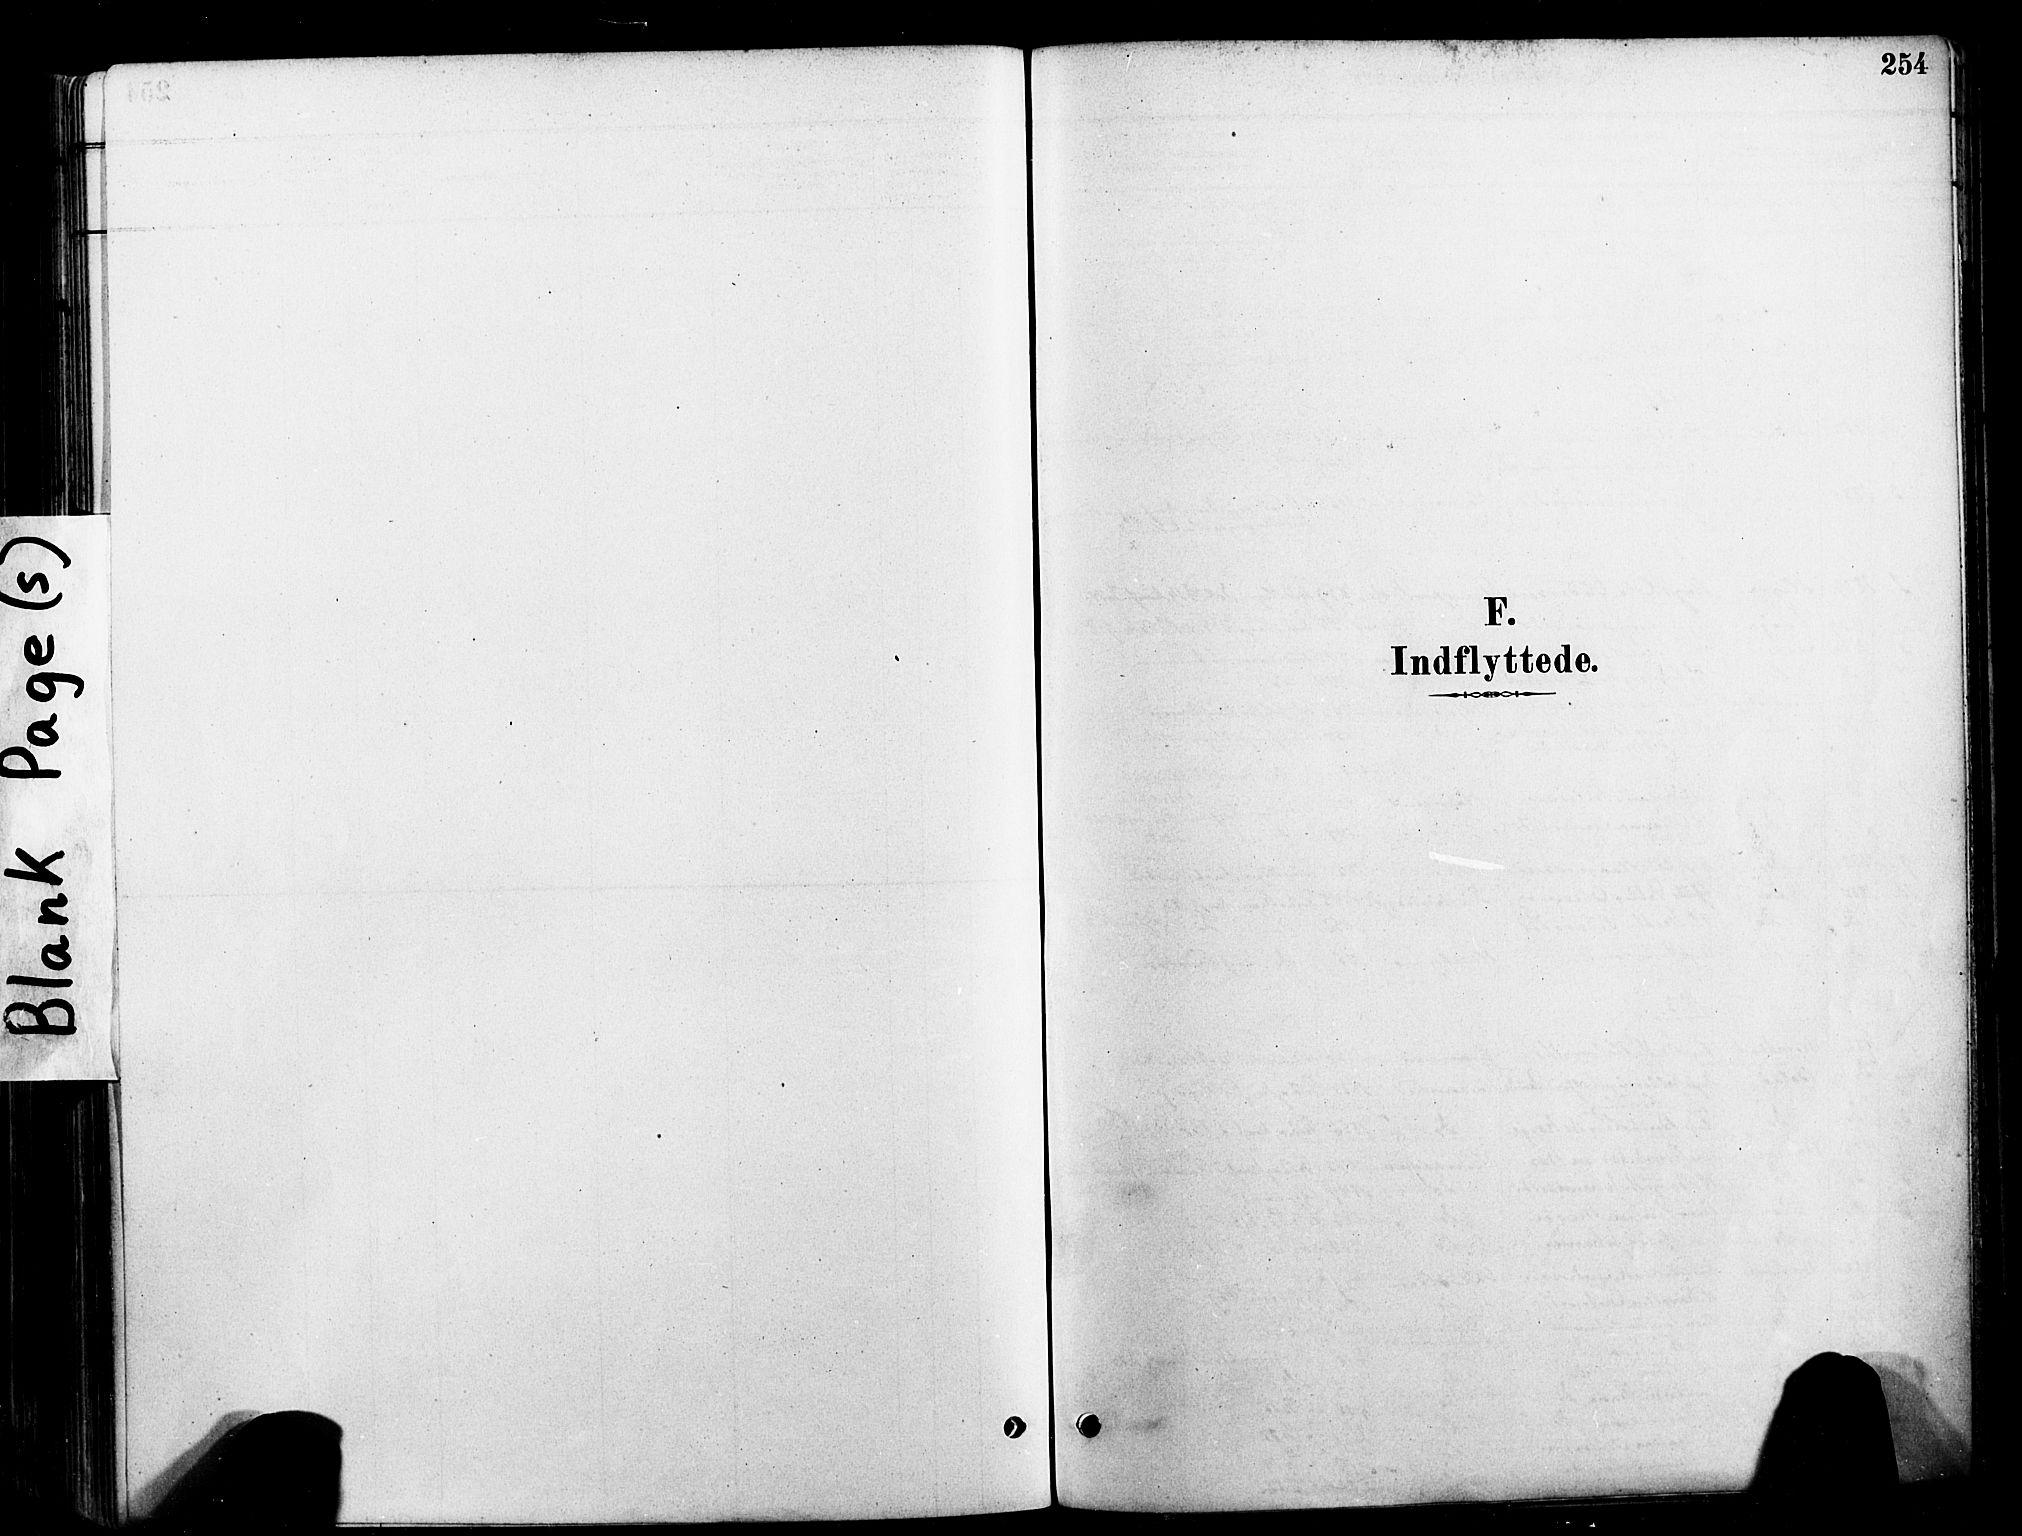 SAT, Ministerialprotokoller, klokkerbøker og fødselsregistre - Nord-Trøndelag, 709/L0077: Ministerialbok nr. 709A17, 1880-1895, s. 254